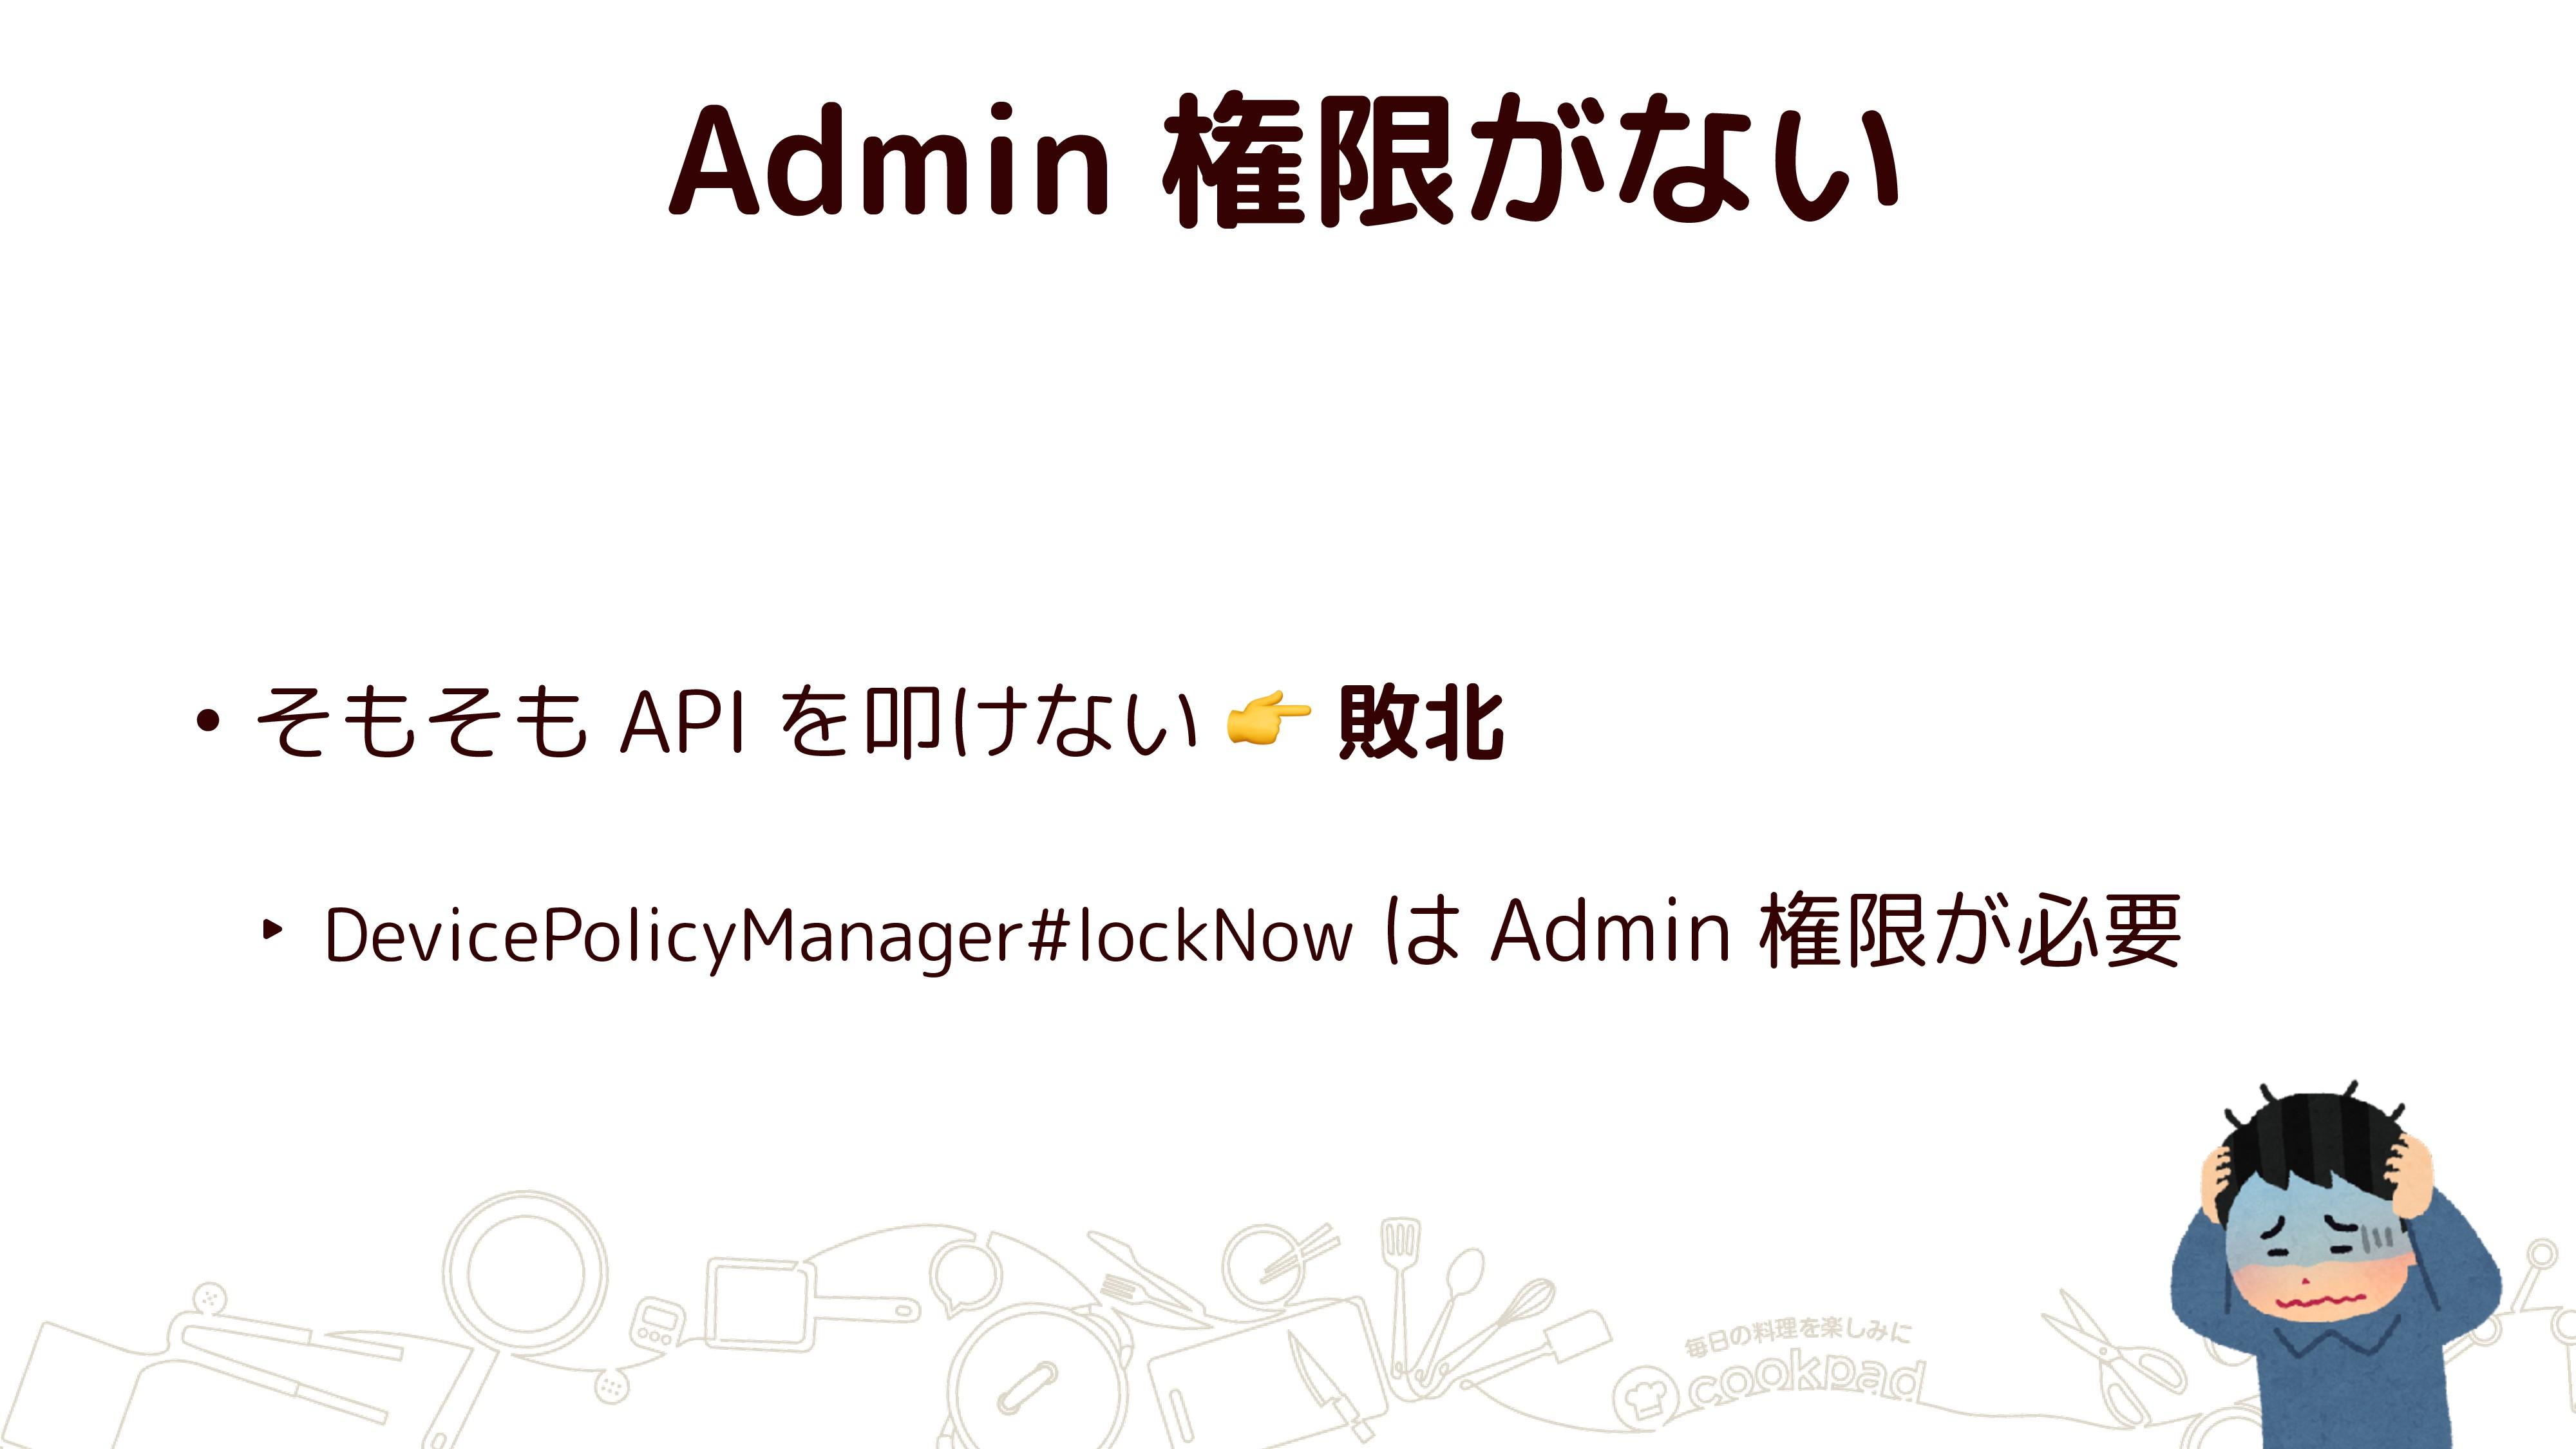 Admin 権限がない • そもそも API を叩けない  敗北 ‣ DevicePolicy...